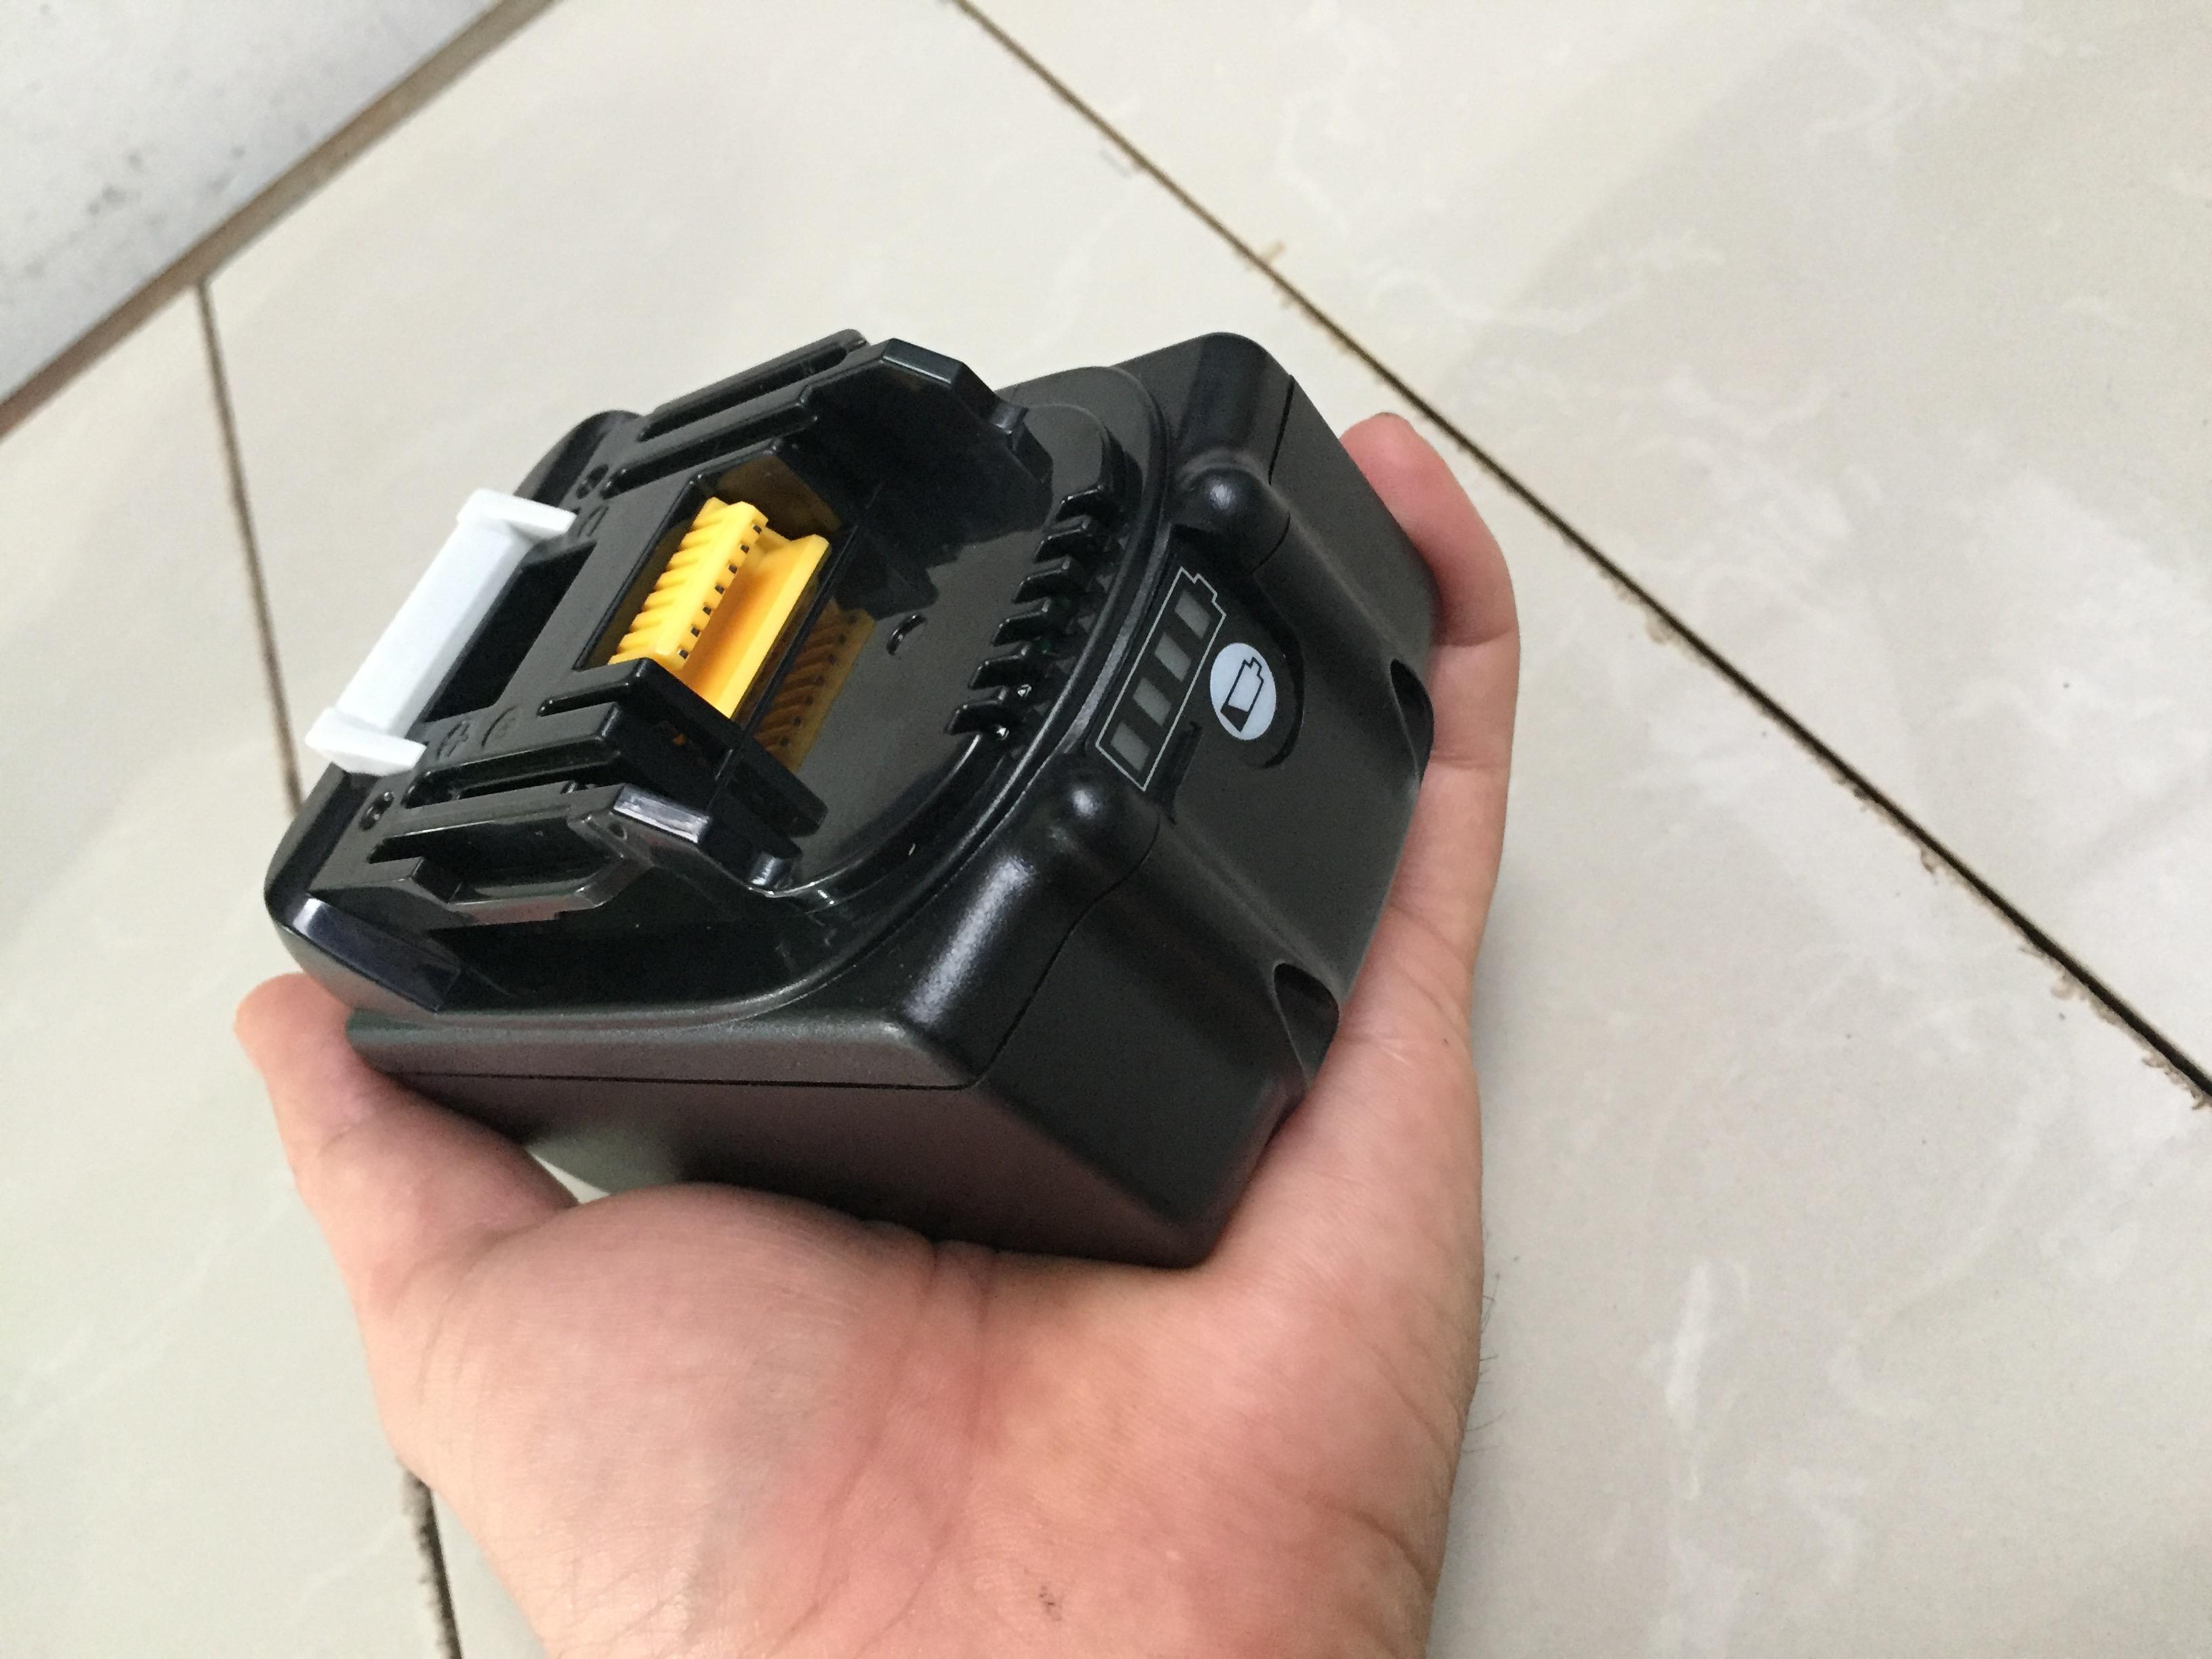 Pin Makita 18V 5A Được Làm Từ Pin Lishen Mới Dùng Sạc Zin